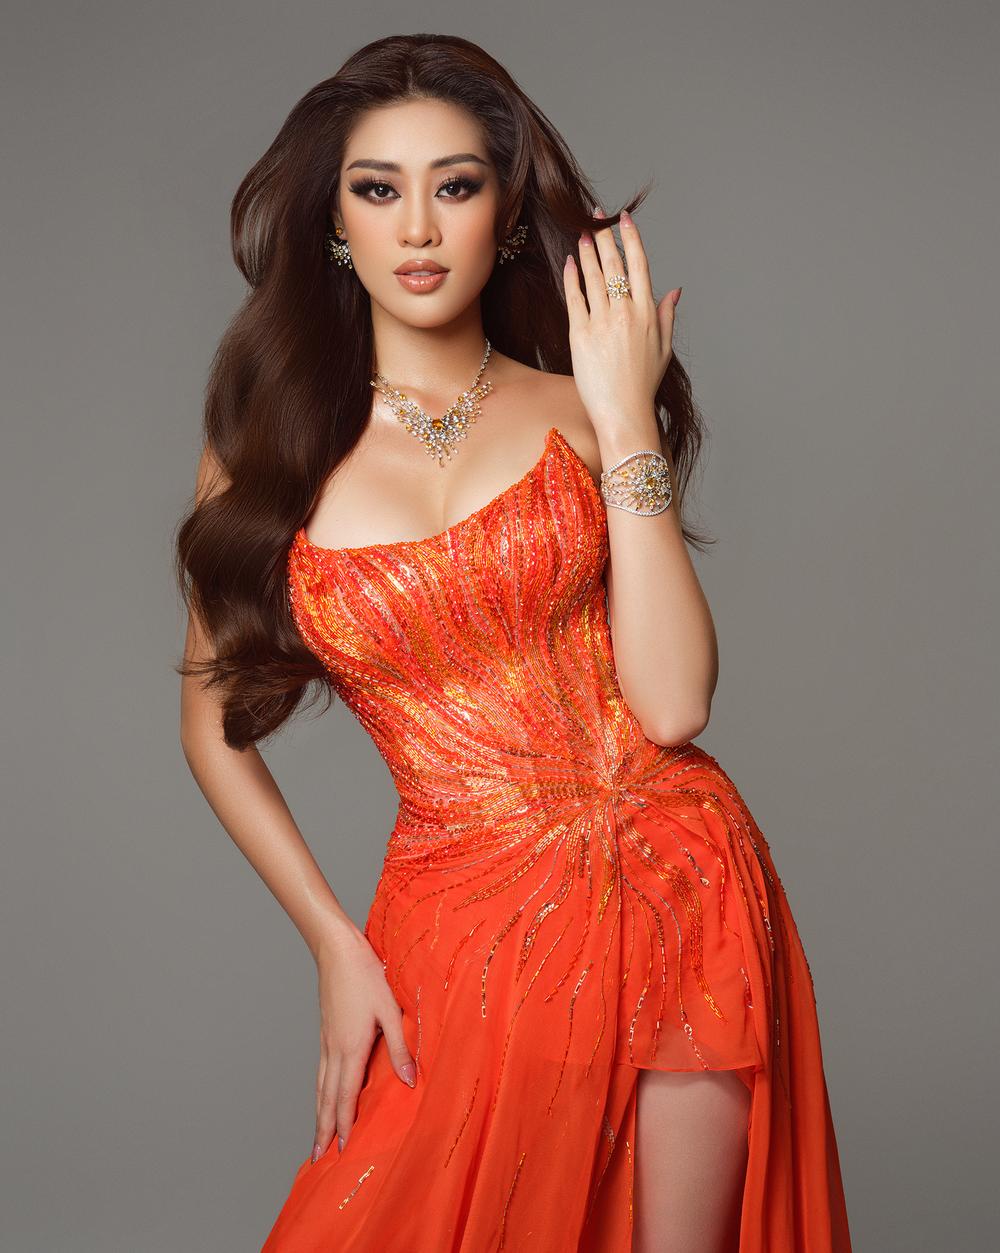 Cận cảnh bộ đồ nóng bỏng, gây ấn tượng mạnh của Khánh Vân trên sân khấu bán kết Hoa hậu Hoàn vũ Thế giới 2020 - Ảnh 8.